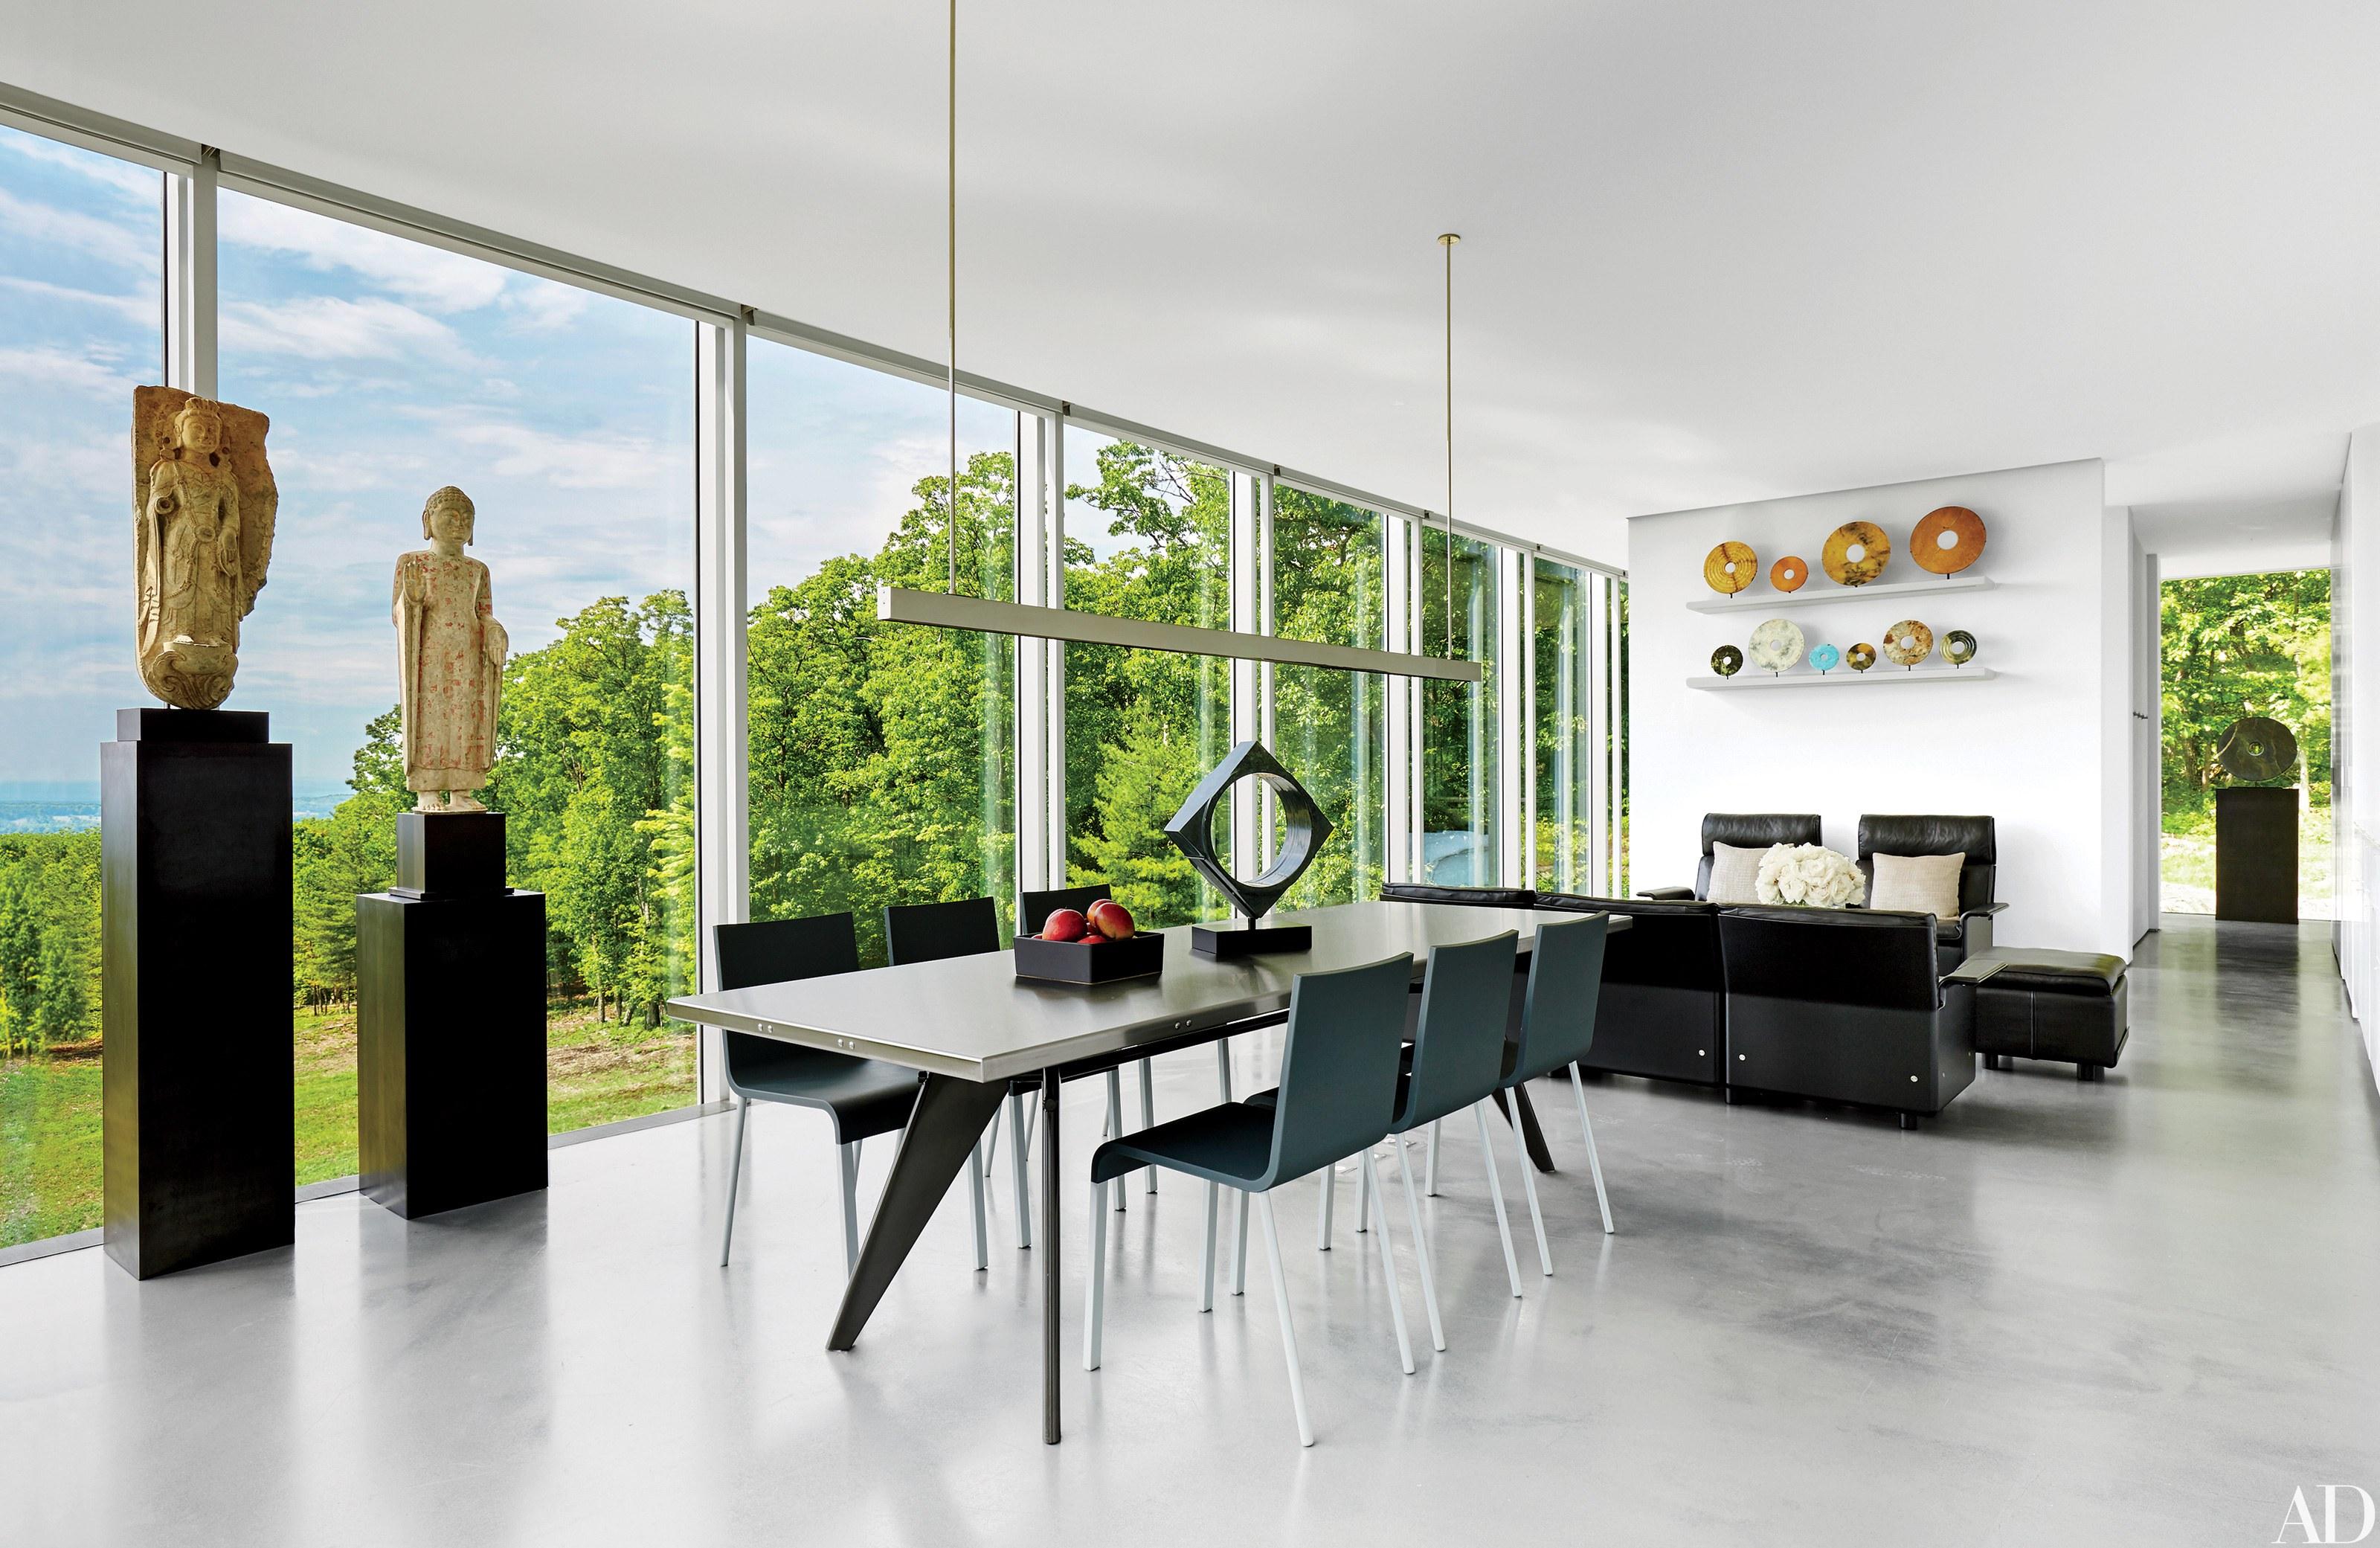 modern inredning 13 slående och eleganta rum rh architecturaldigest com Architectural Charming Interior Designs architectural